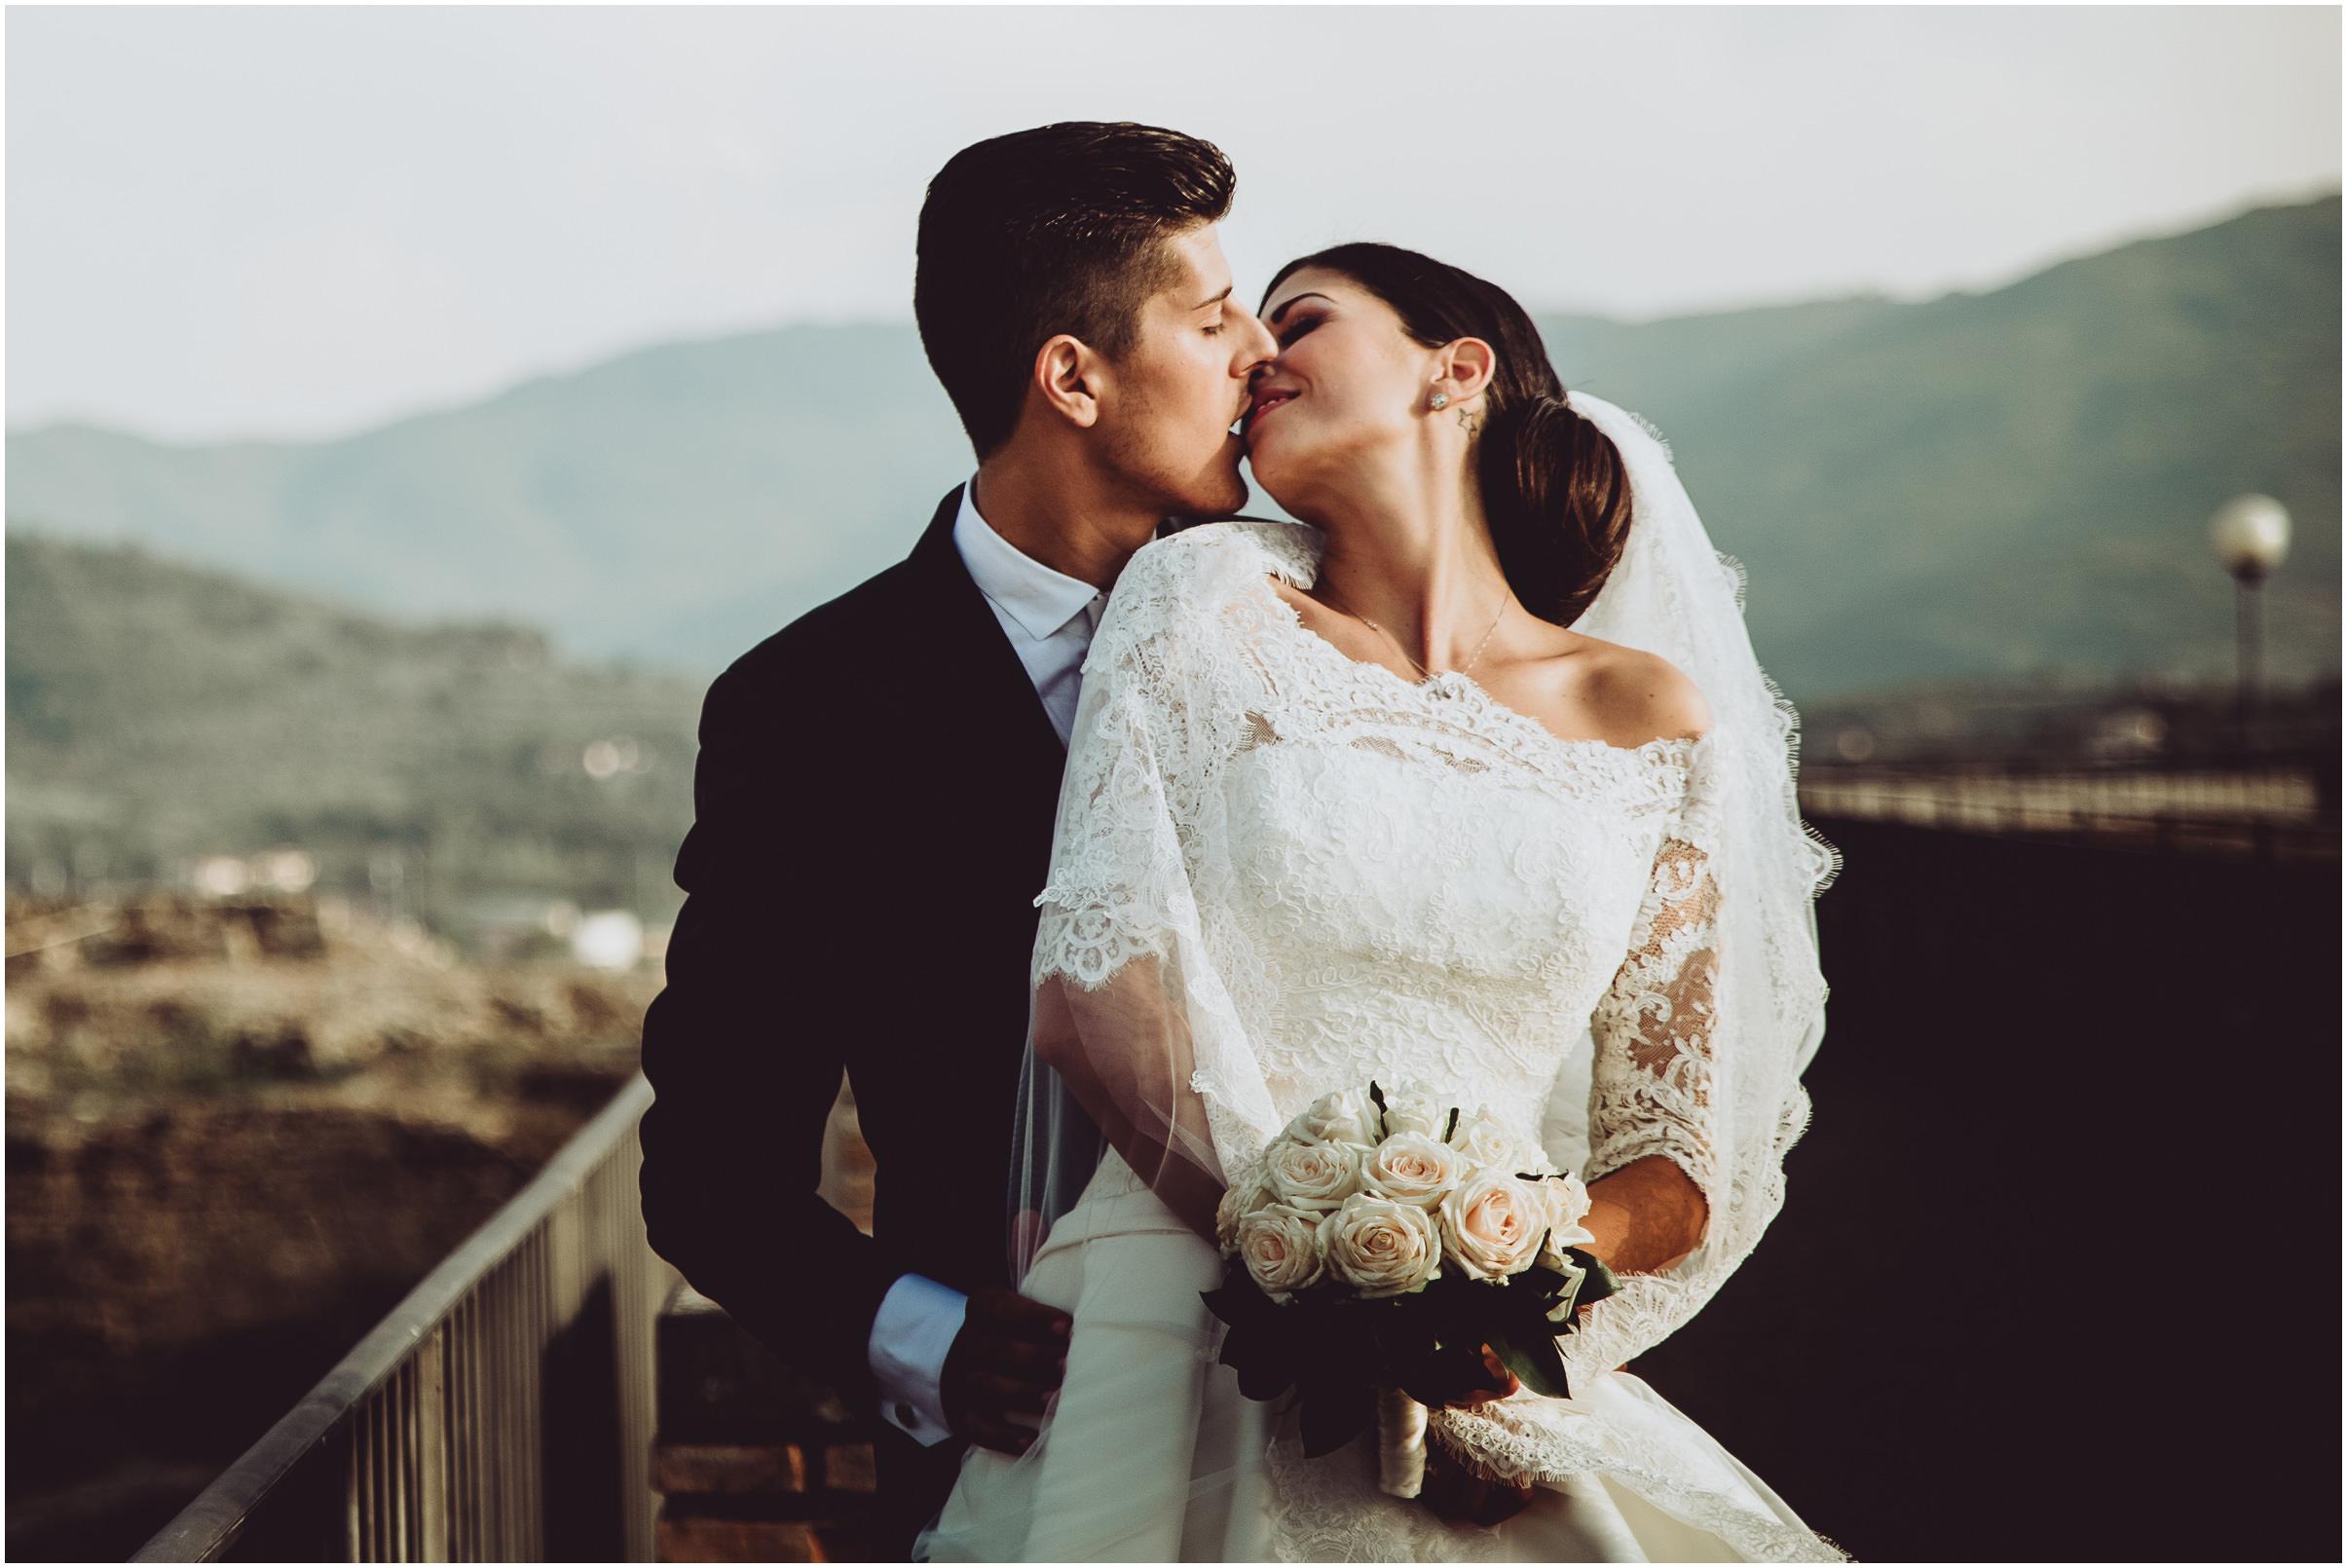 WEDDING-PHOTOGRAPHY-SARA-LORENZONI-FOTOGRAFIA-MATRIMONIO-AREZZO-TUSCANY-EVENTO-LE-SPOSE-DI-GIANNI-ELISA-LUCA042